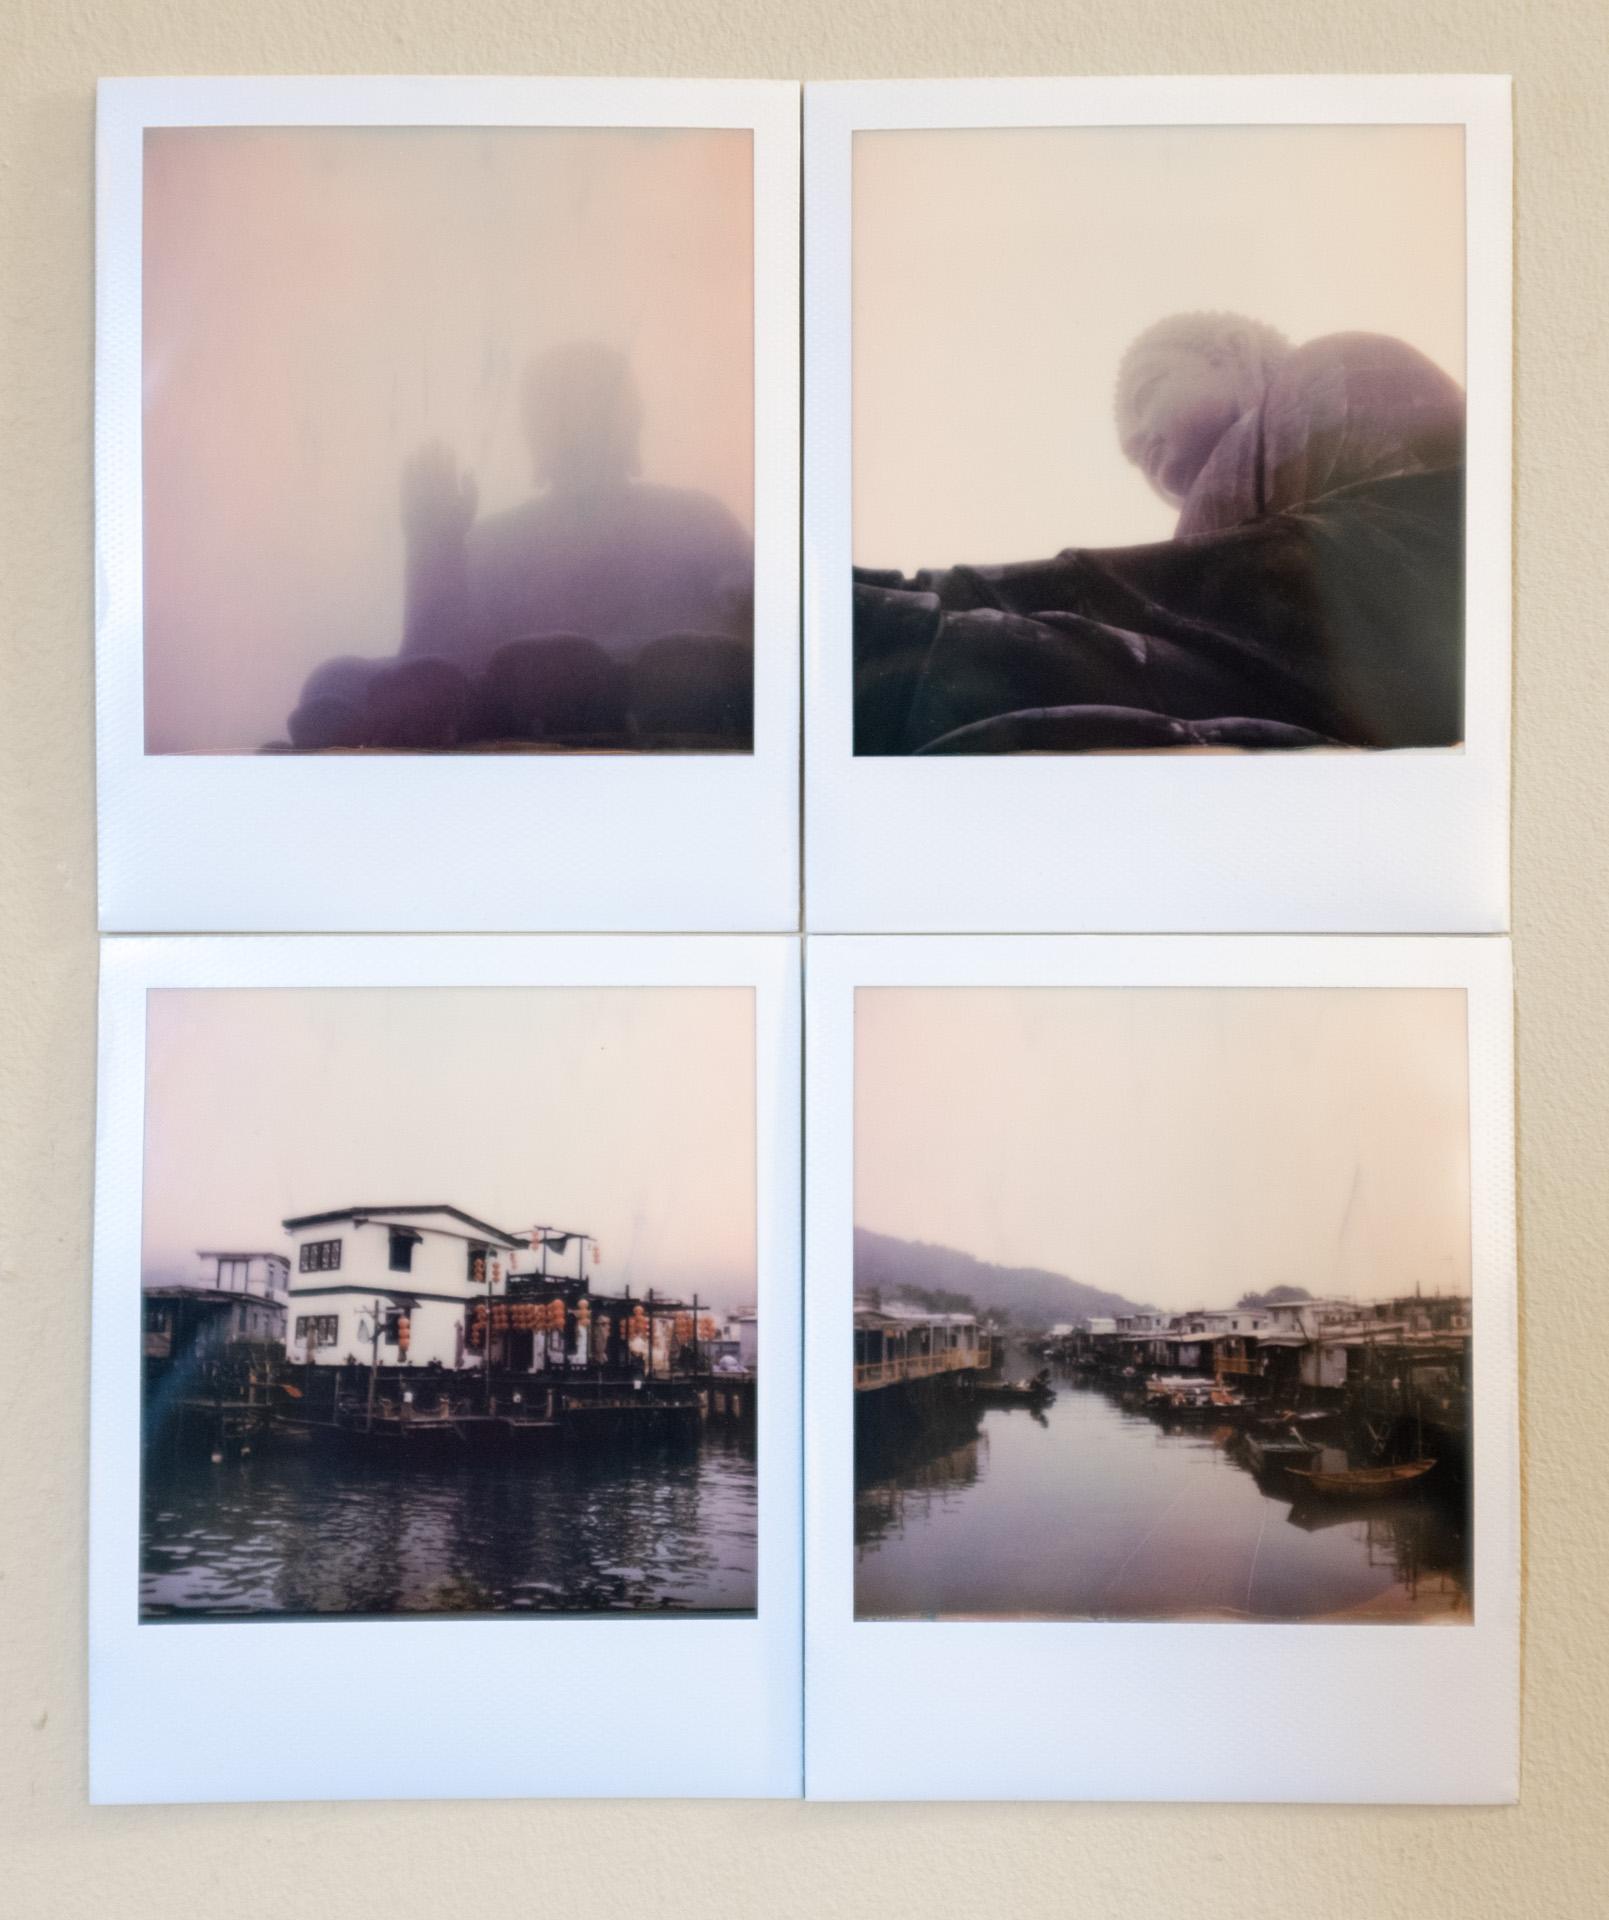 Various polaroids